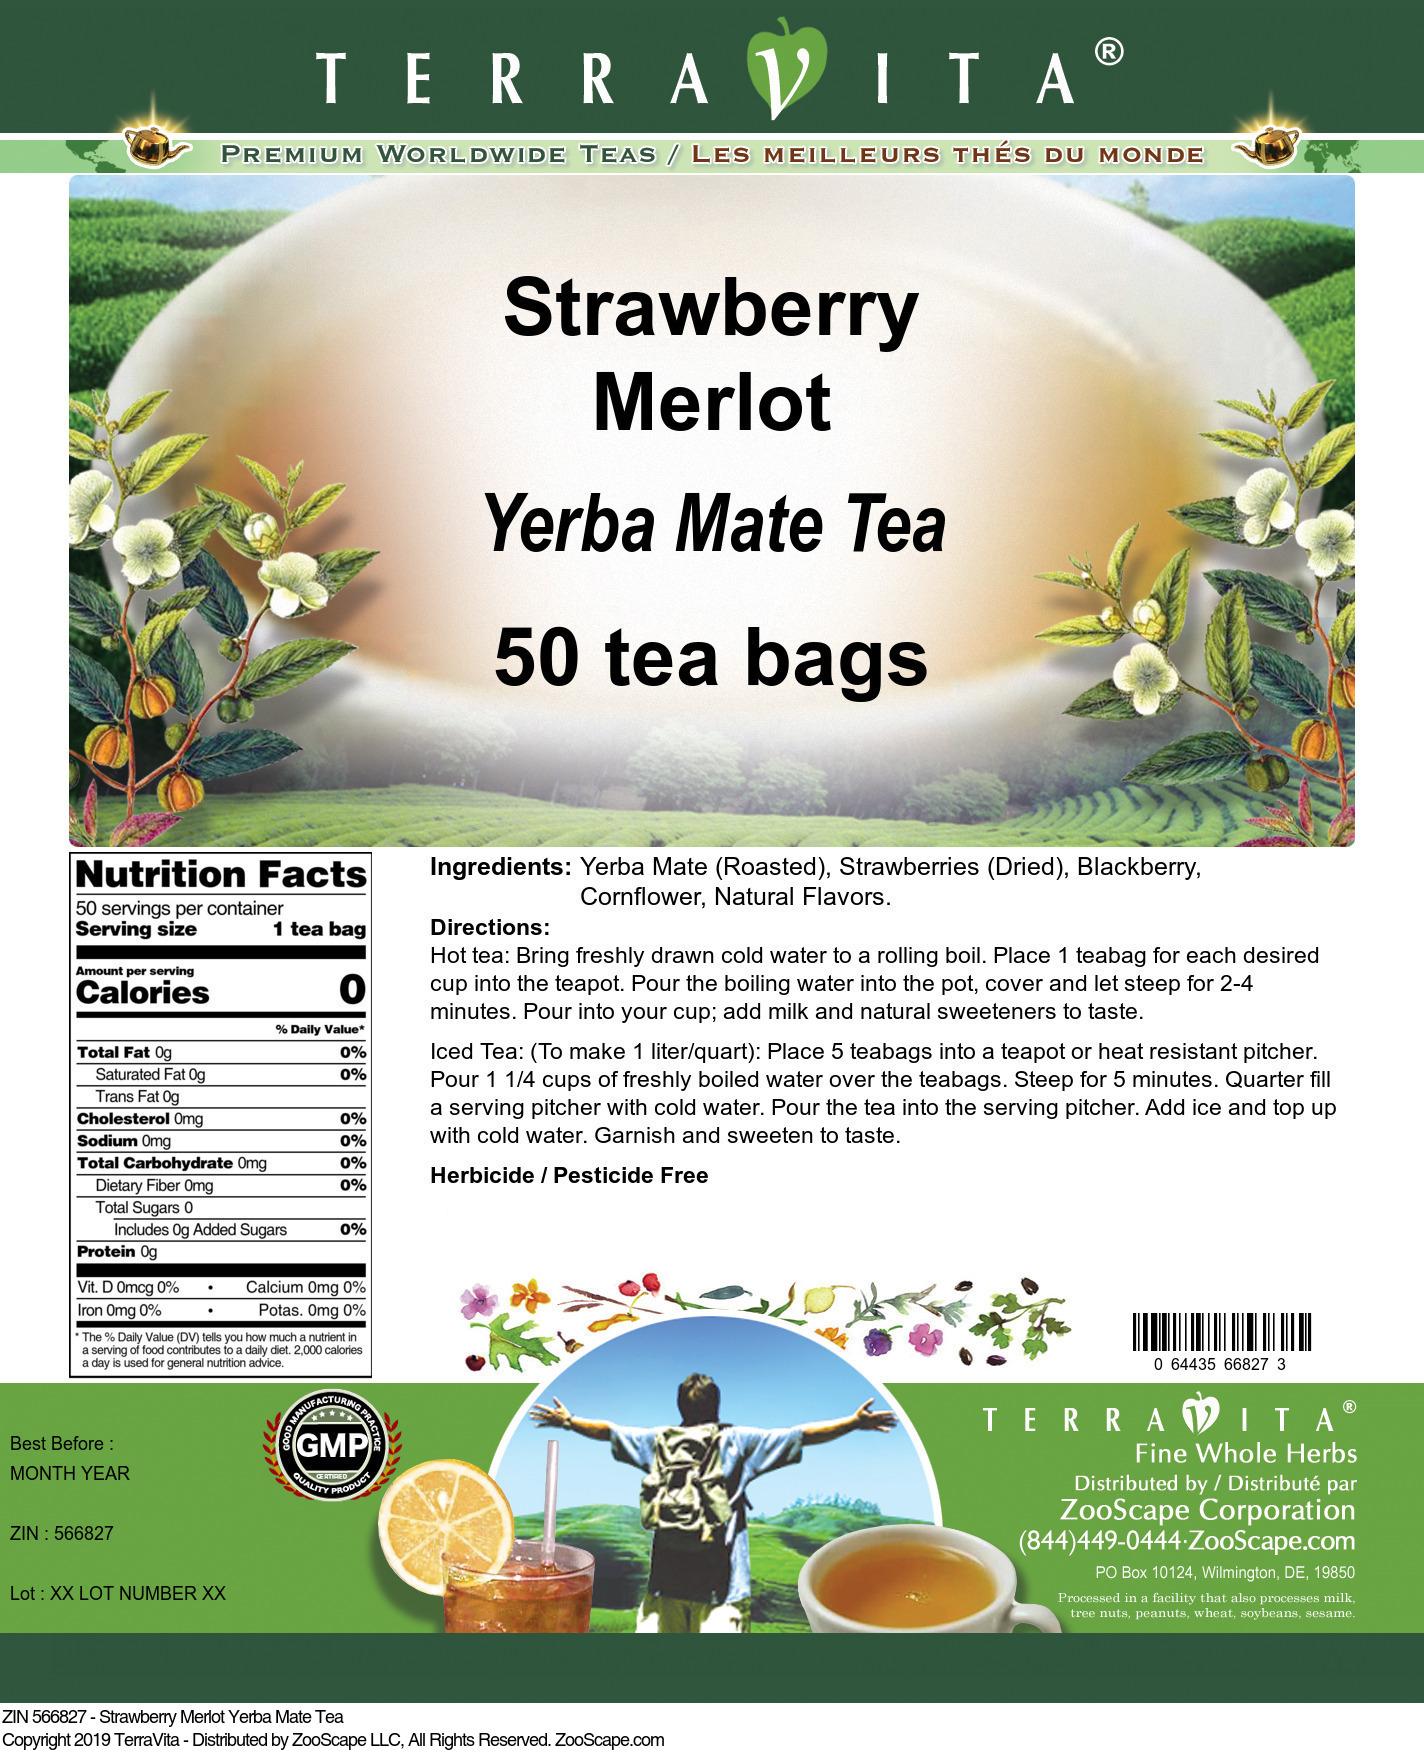 Strawberry Merlot Yerba Mate